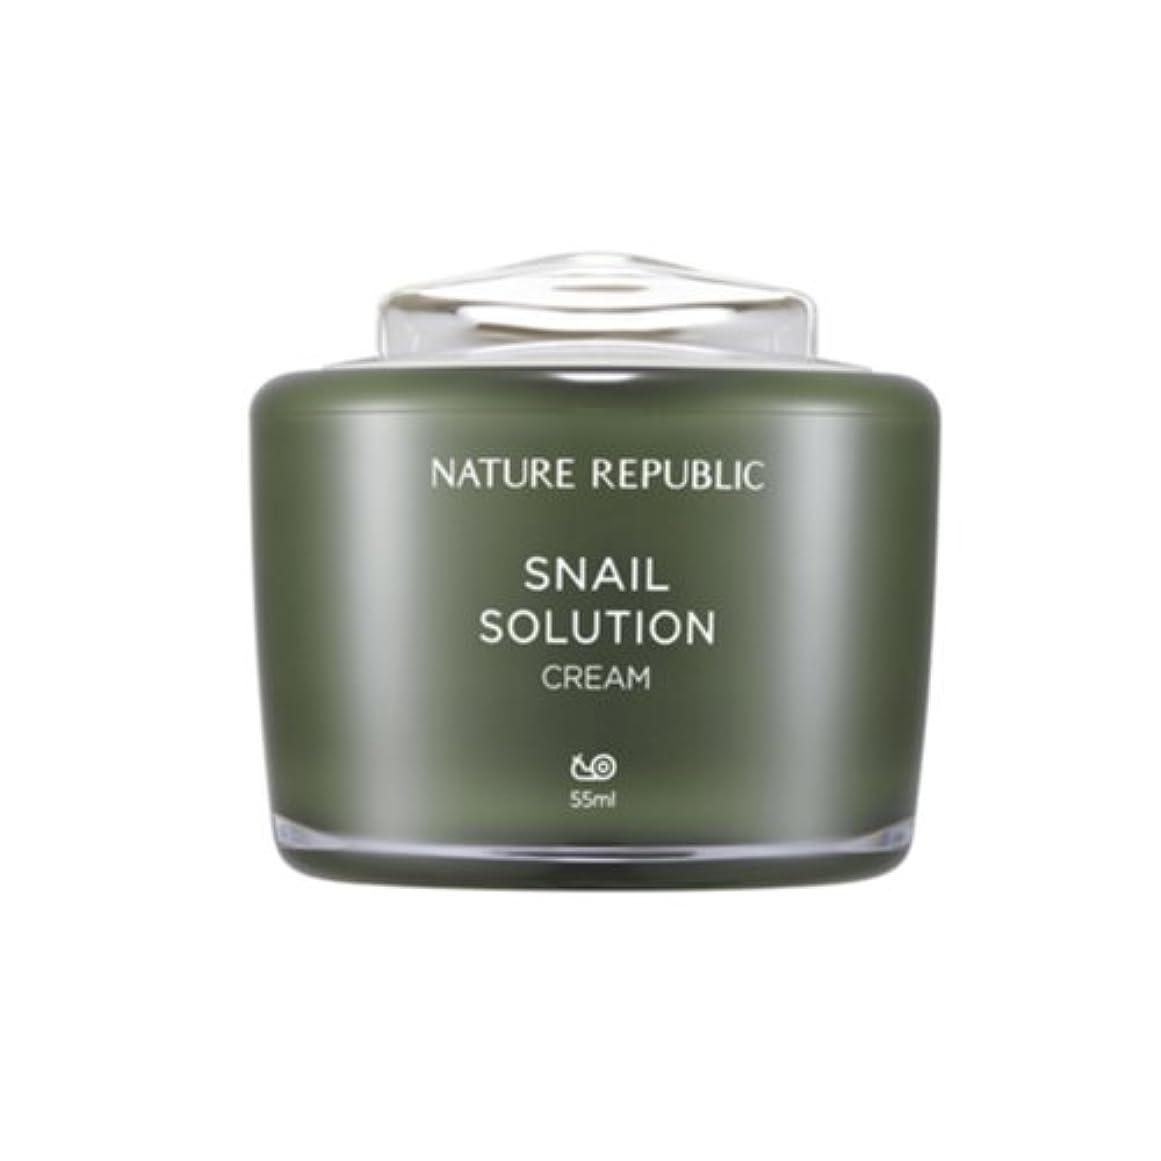 航空機ジェム重量[ネイチャーリパブリック] Nature republicスネイルソリューションクリーム海外直送品(Snail Solution Cream) [並行輸入品]